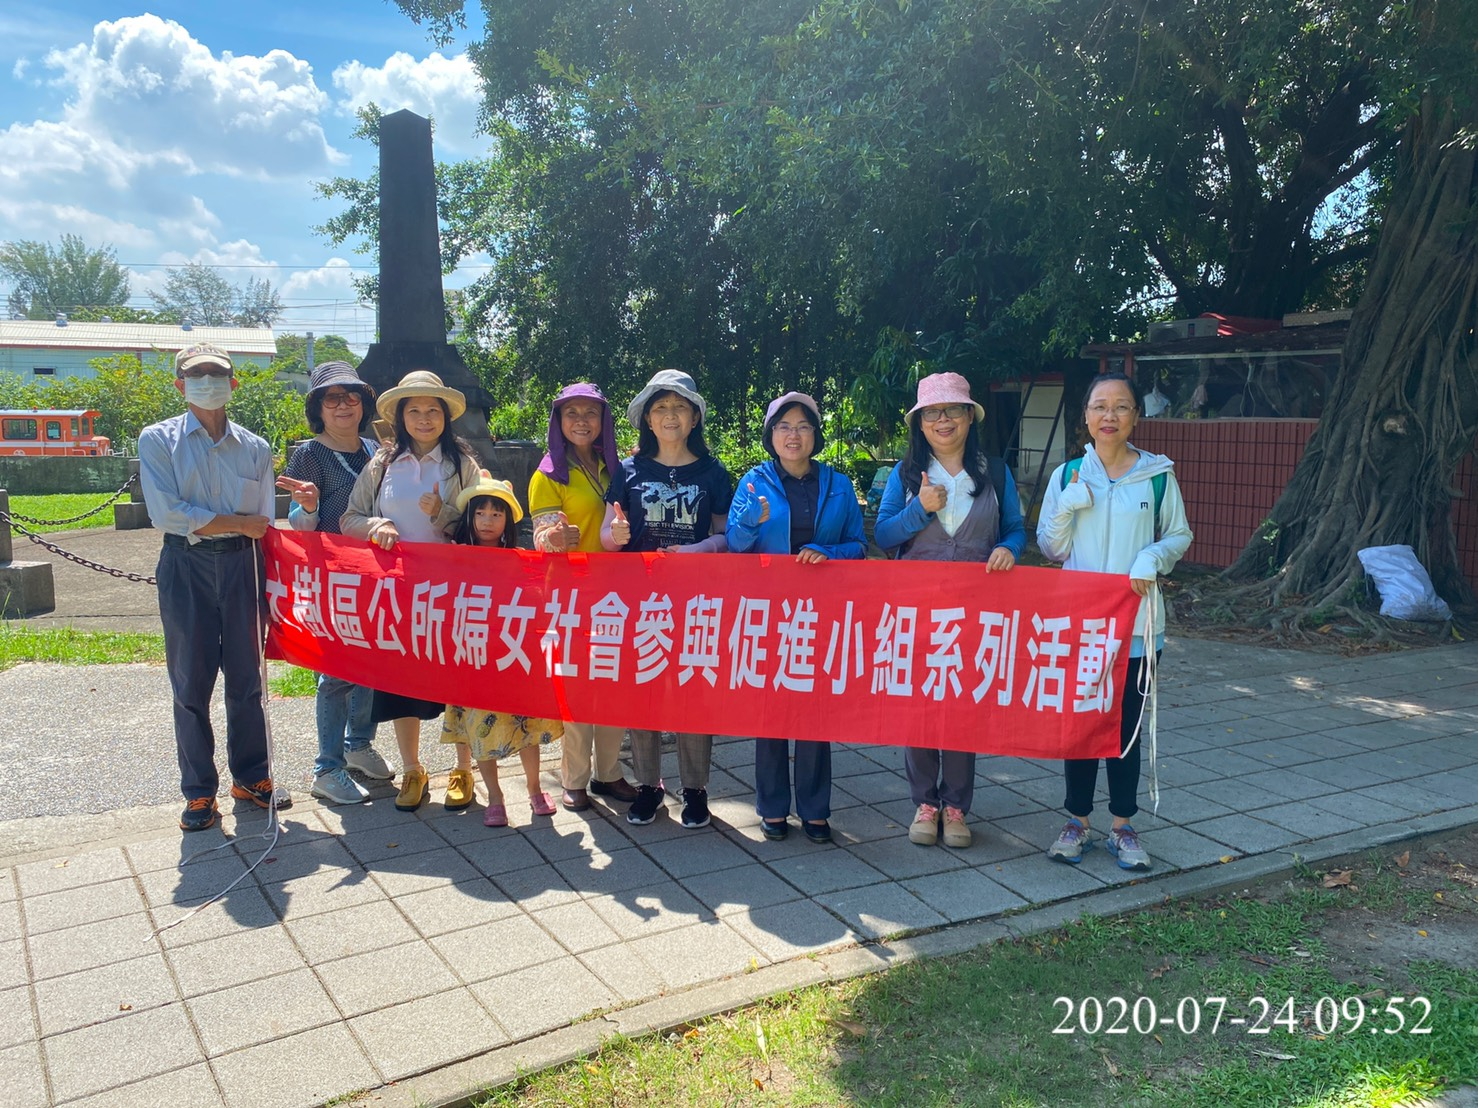 109年7月24日汪區長會同婦參委員針對公所代管的綠地及公園進行安全檢視